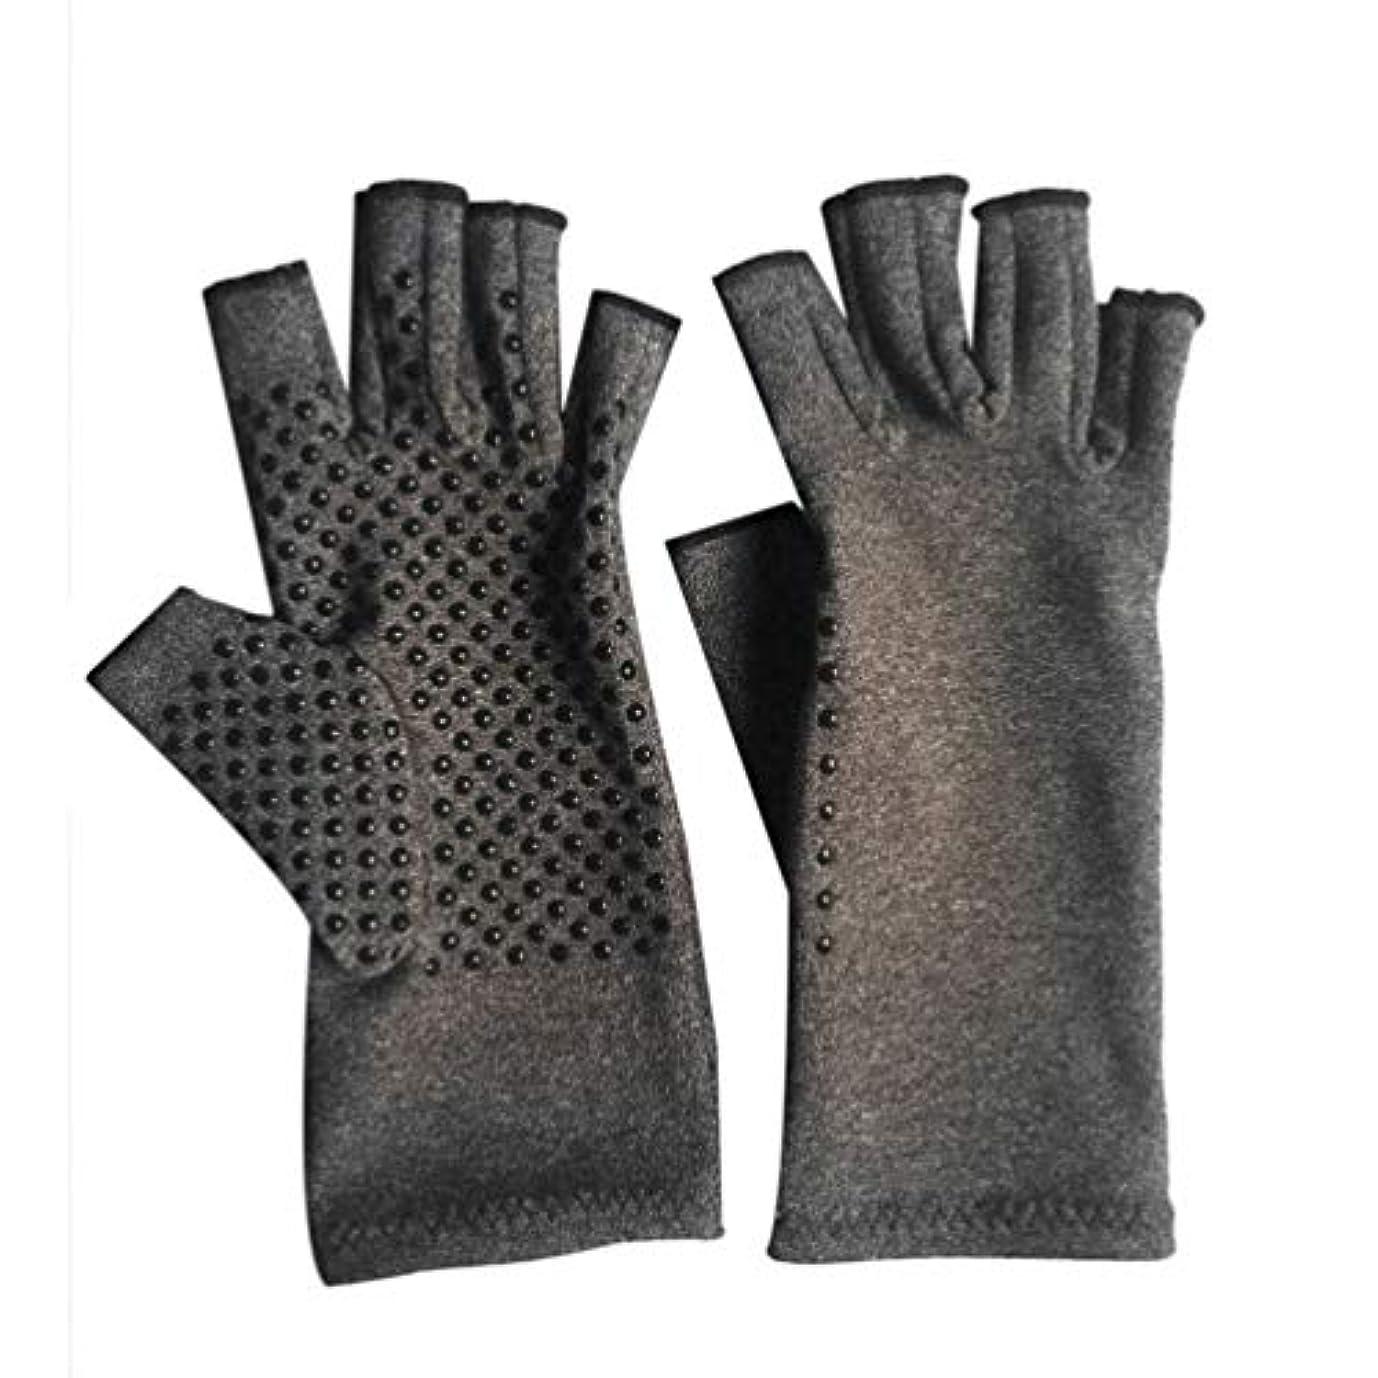 承知しましたデンマーク事件、出来事1ペアユニセックス男性女性療法圧縮手袋関節炎関節痛緩和ヘルスケア半指手袋トレーニング手袋 - グレーM